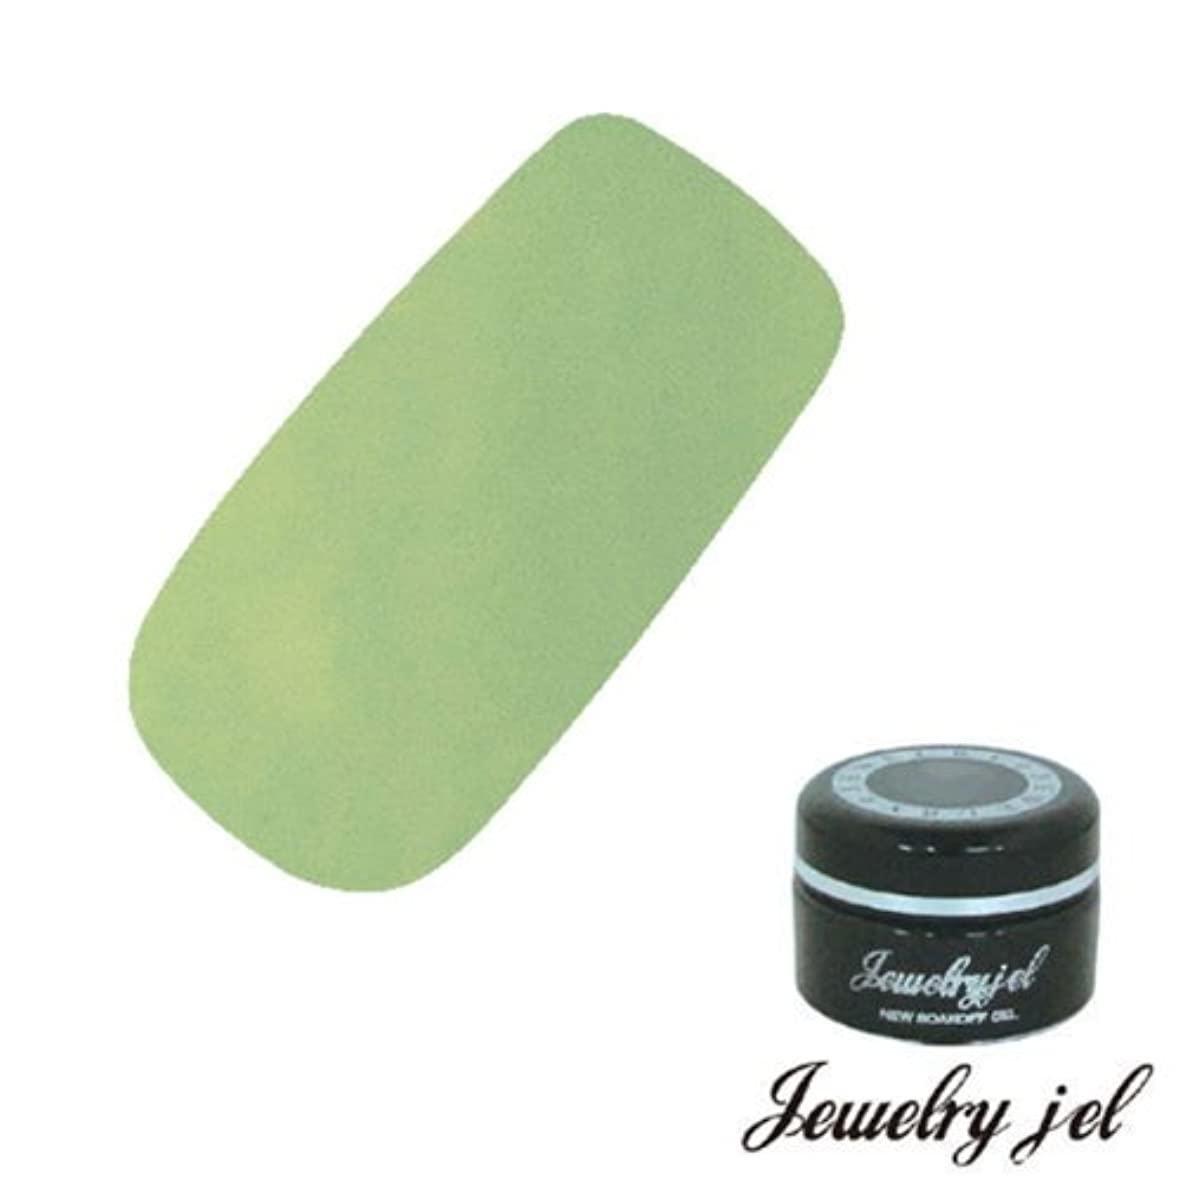 ジュエリージェル ジェルネイル カラージェル SG211 3.5g グリーン パール入り UV/LED対応  ソークオフジェル カクテルシャーベット